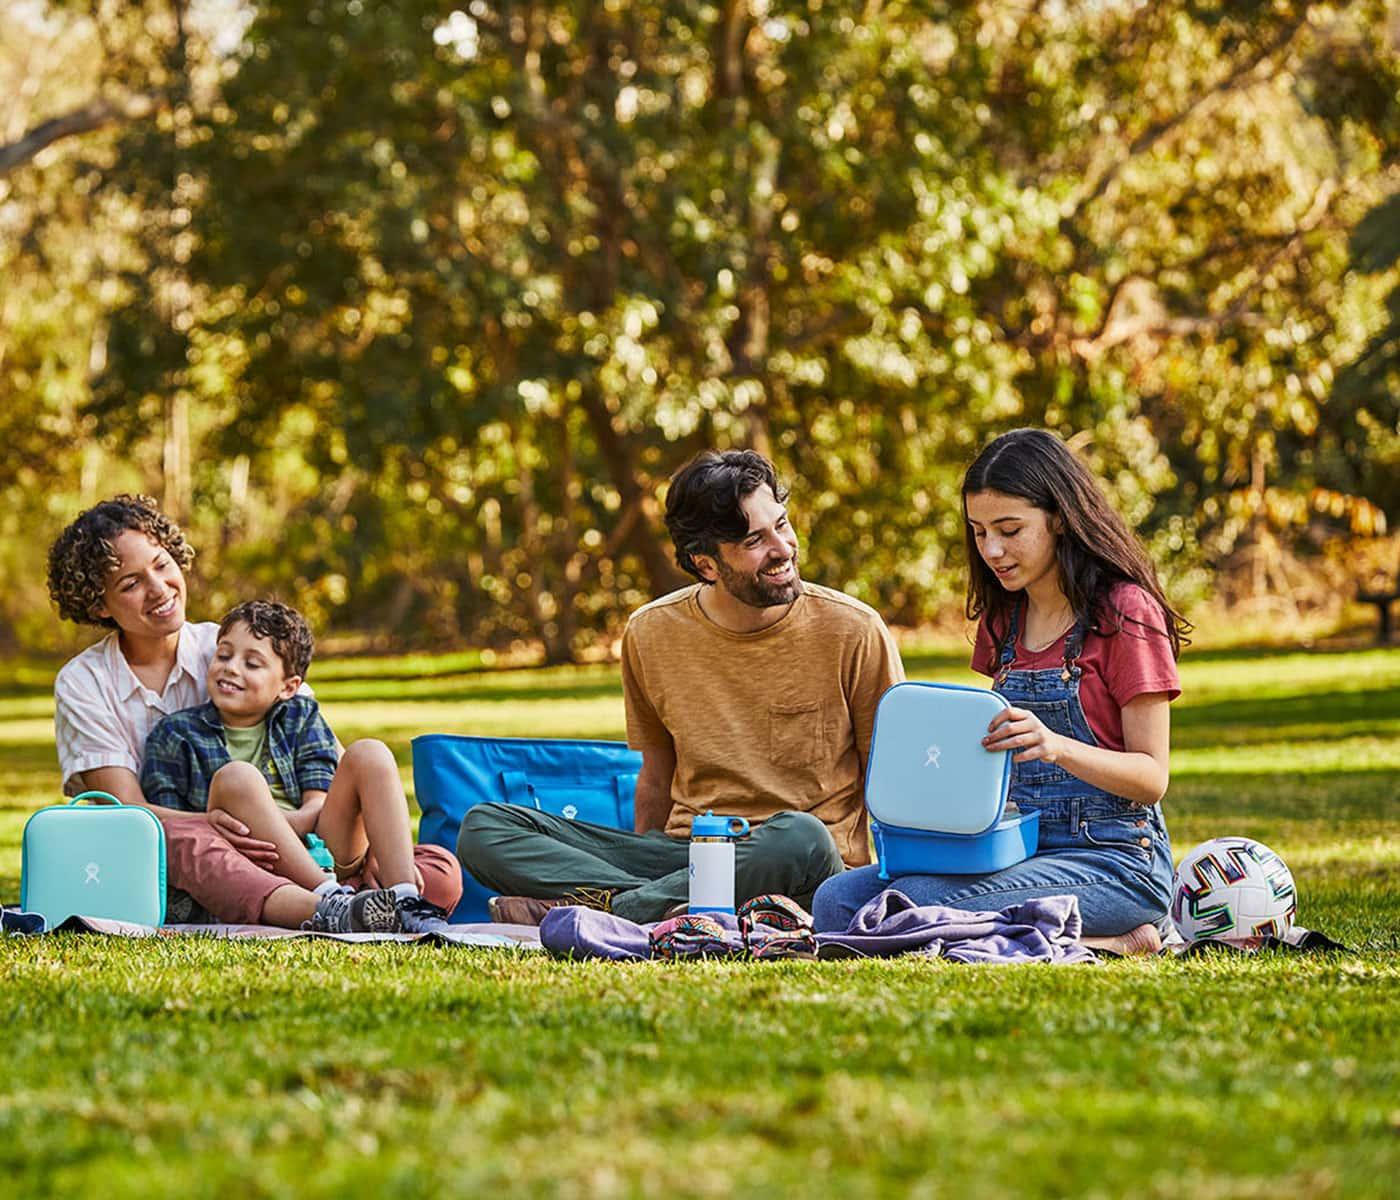 Familienausflug ins Grüne mit einem schönen Picknick verbinden // HIMBEER